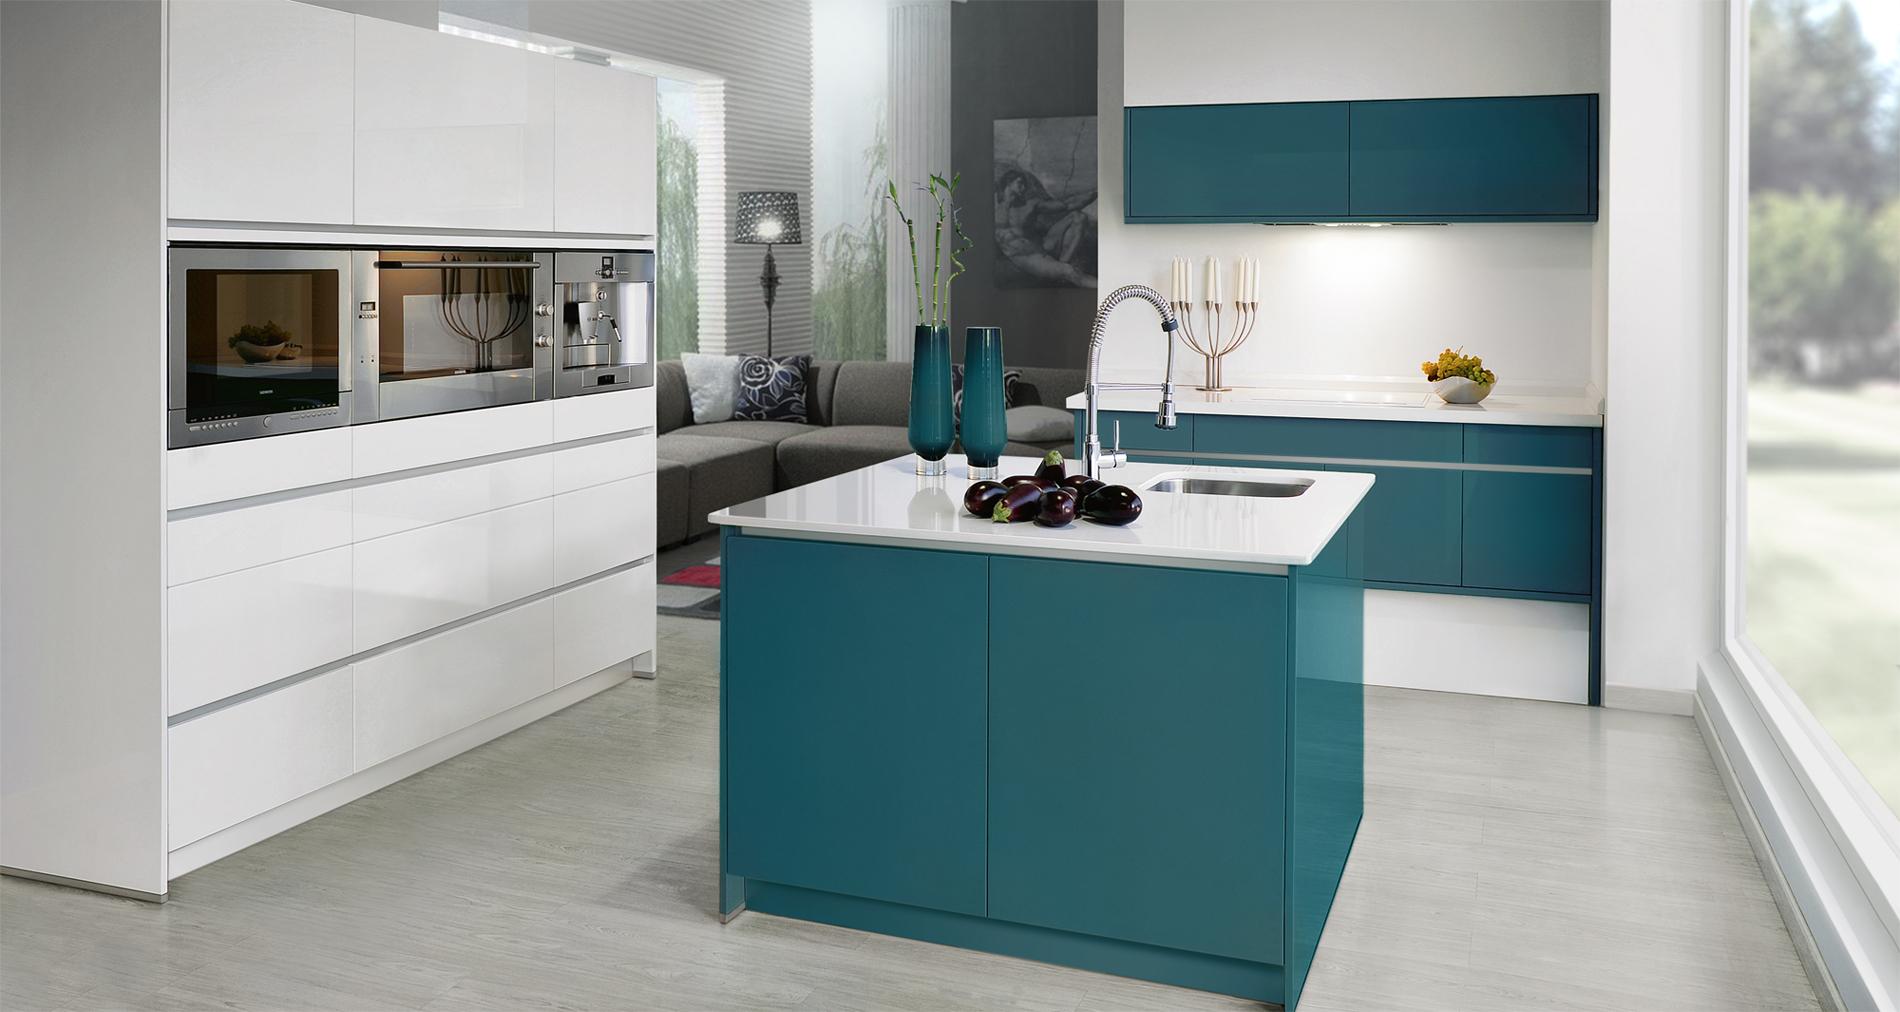 Rh cocinas creativas f brica de cocinas en le n for Modelos de cocinas integrales modernas